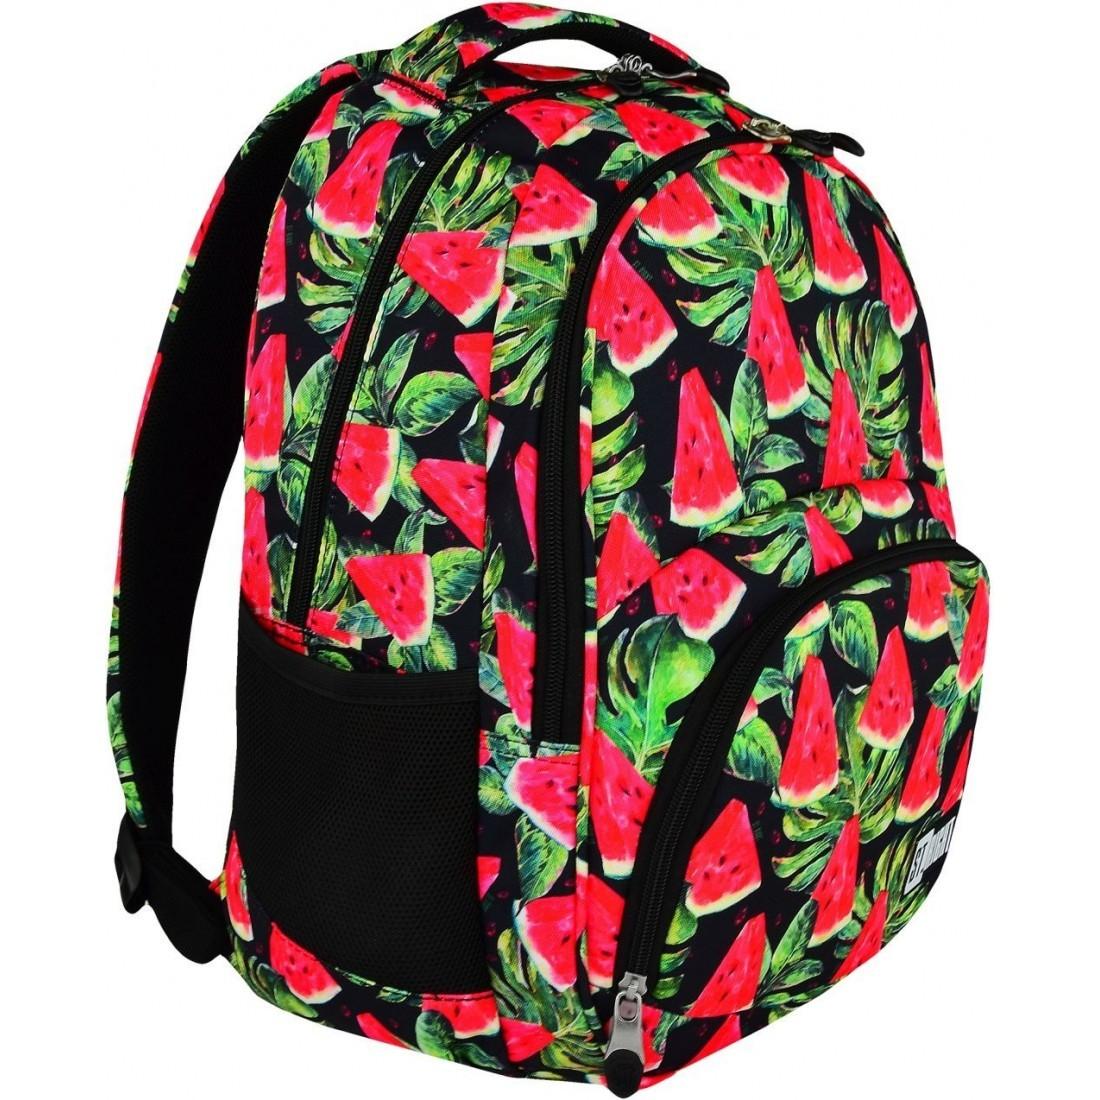 44e99857204ef Plecak szkolny 23 ST.RIGHT WATERMELON czerwony arbuz dla dziewczyn ...